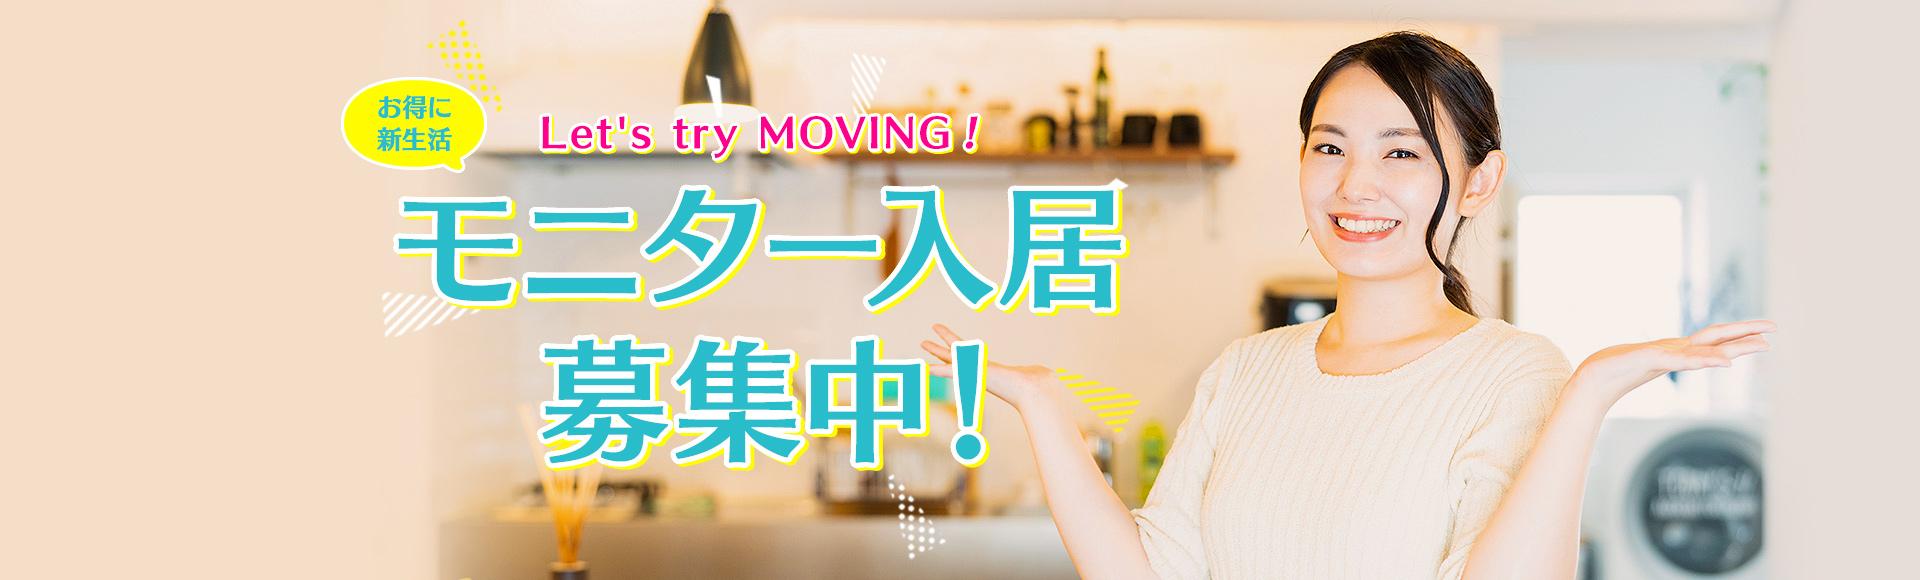 モニター入居キャンペーン